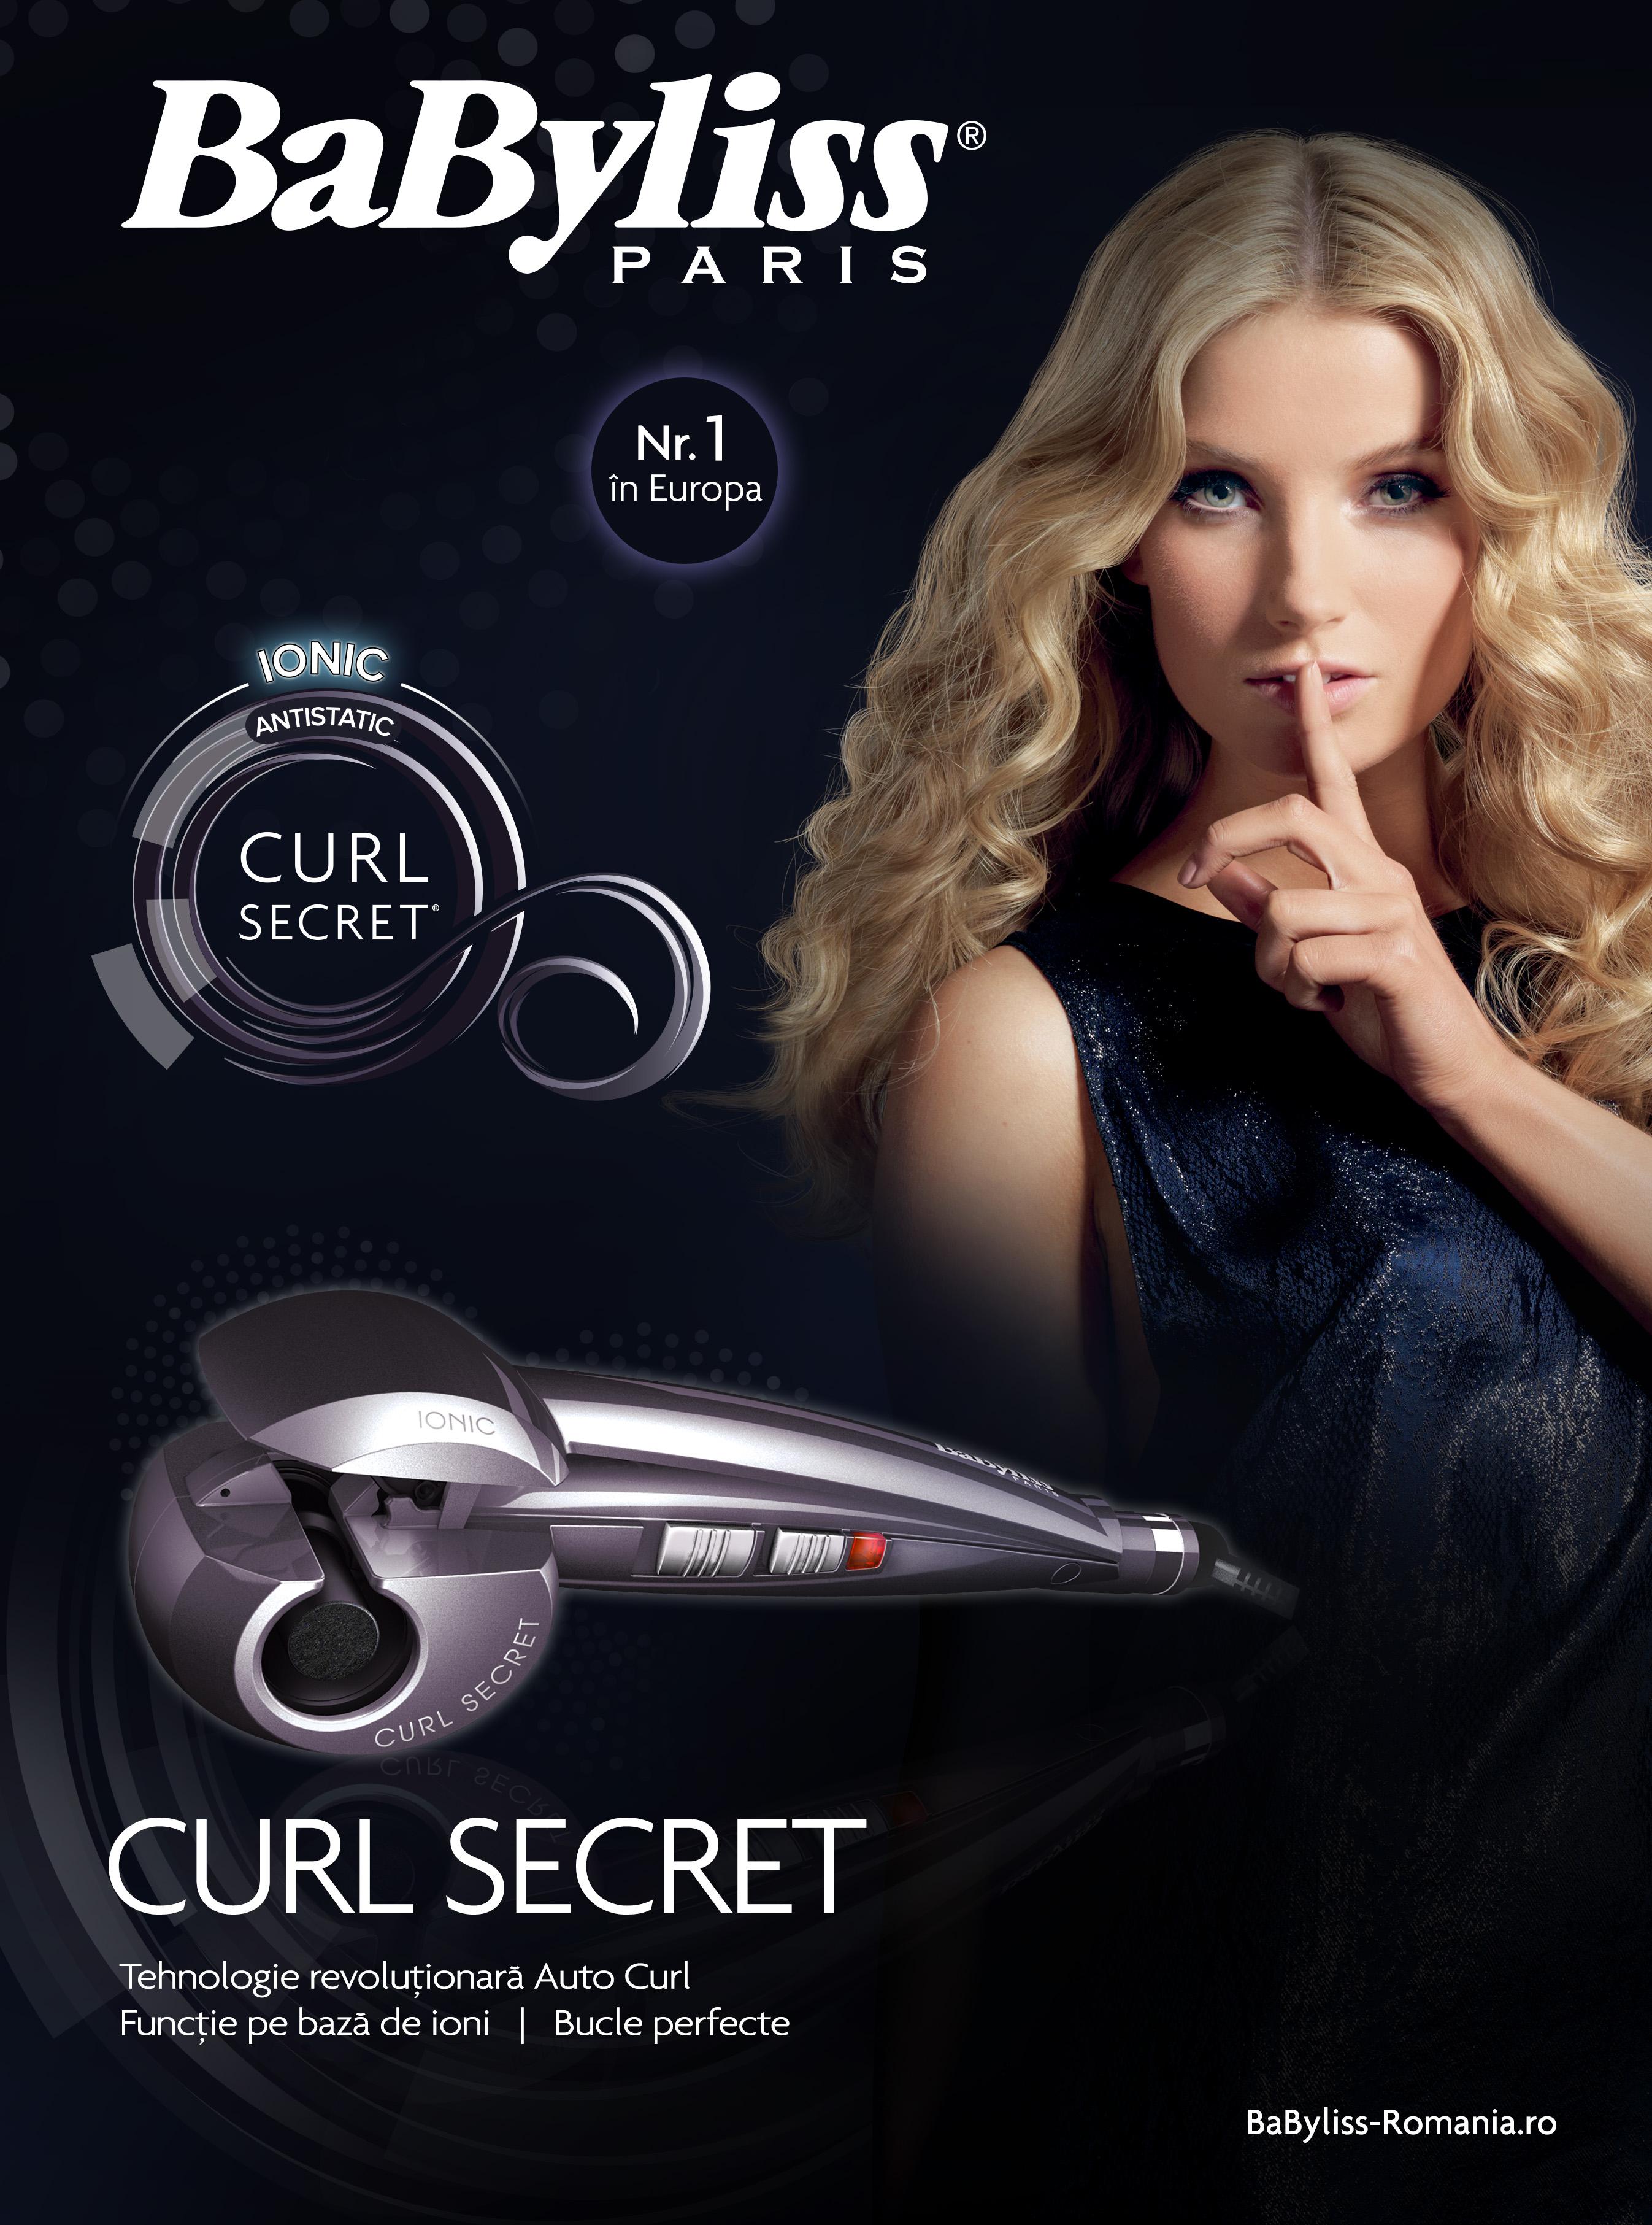 Concurs: Câștigă un ondulator Curl Secret de la BaByliss Paris